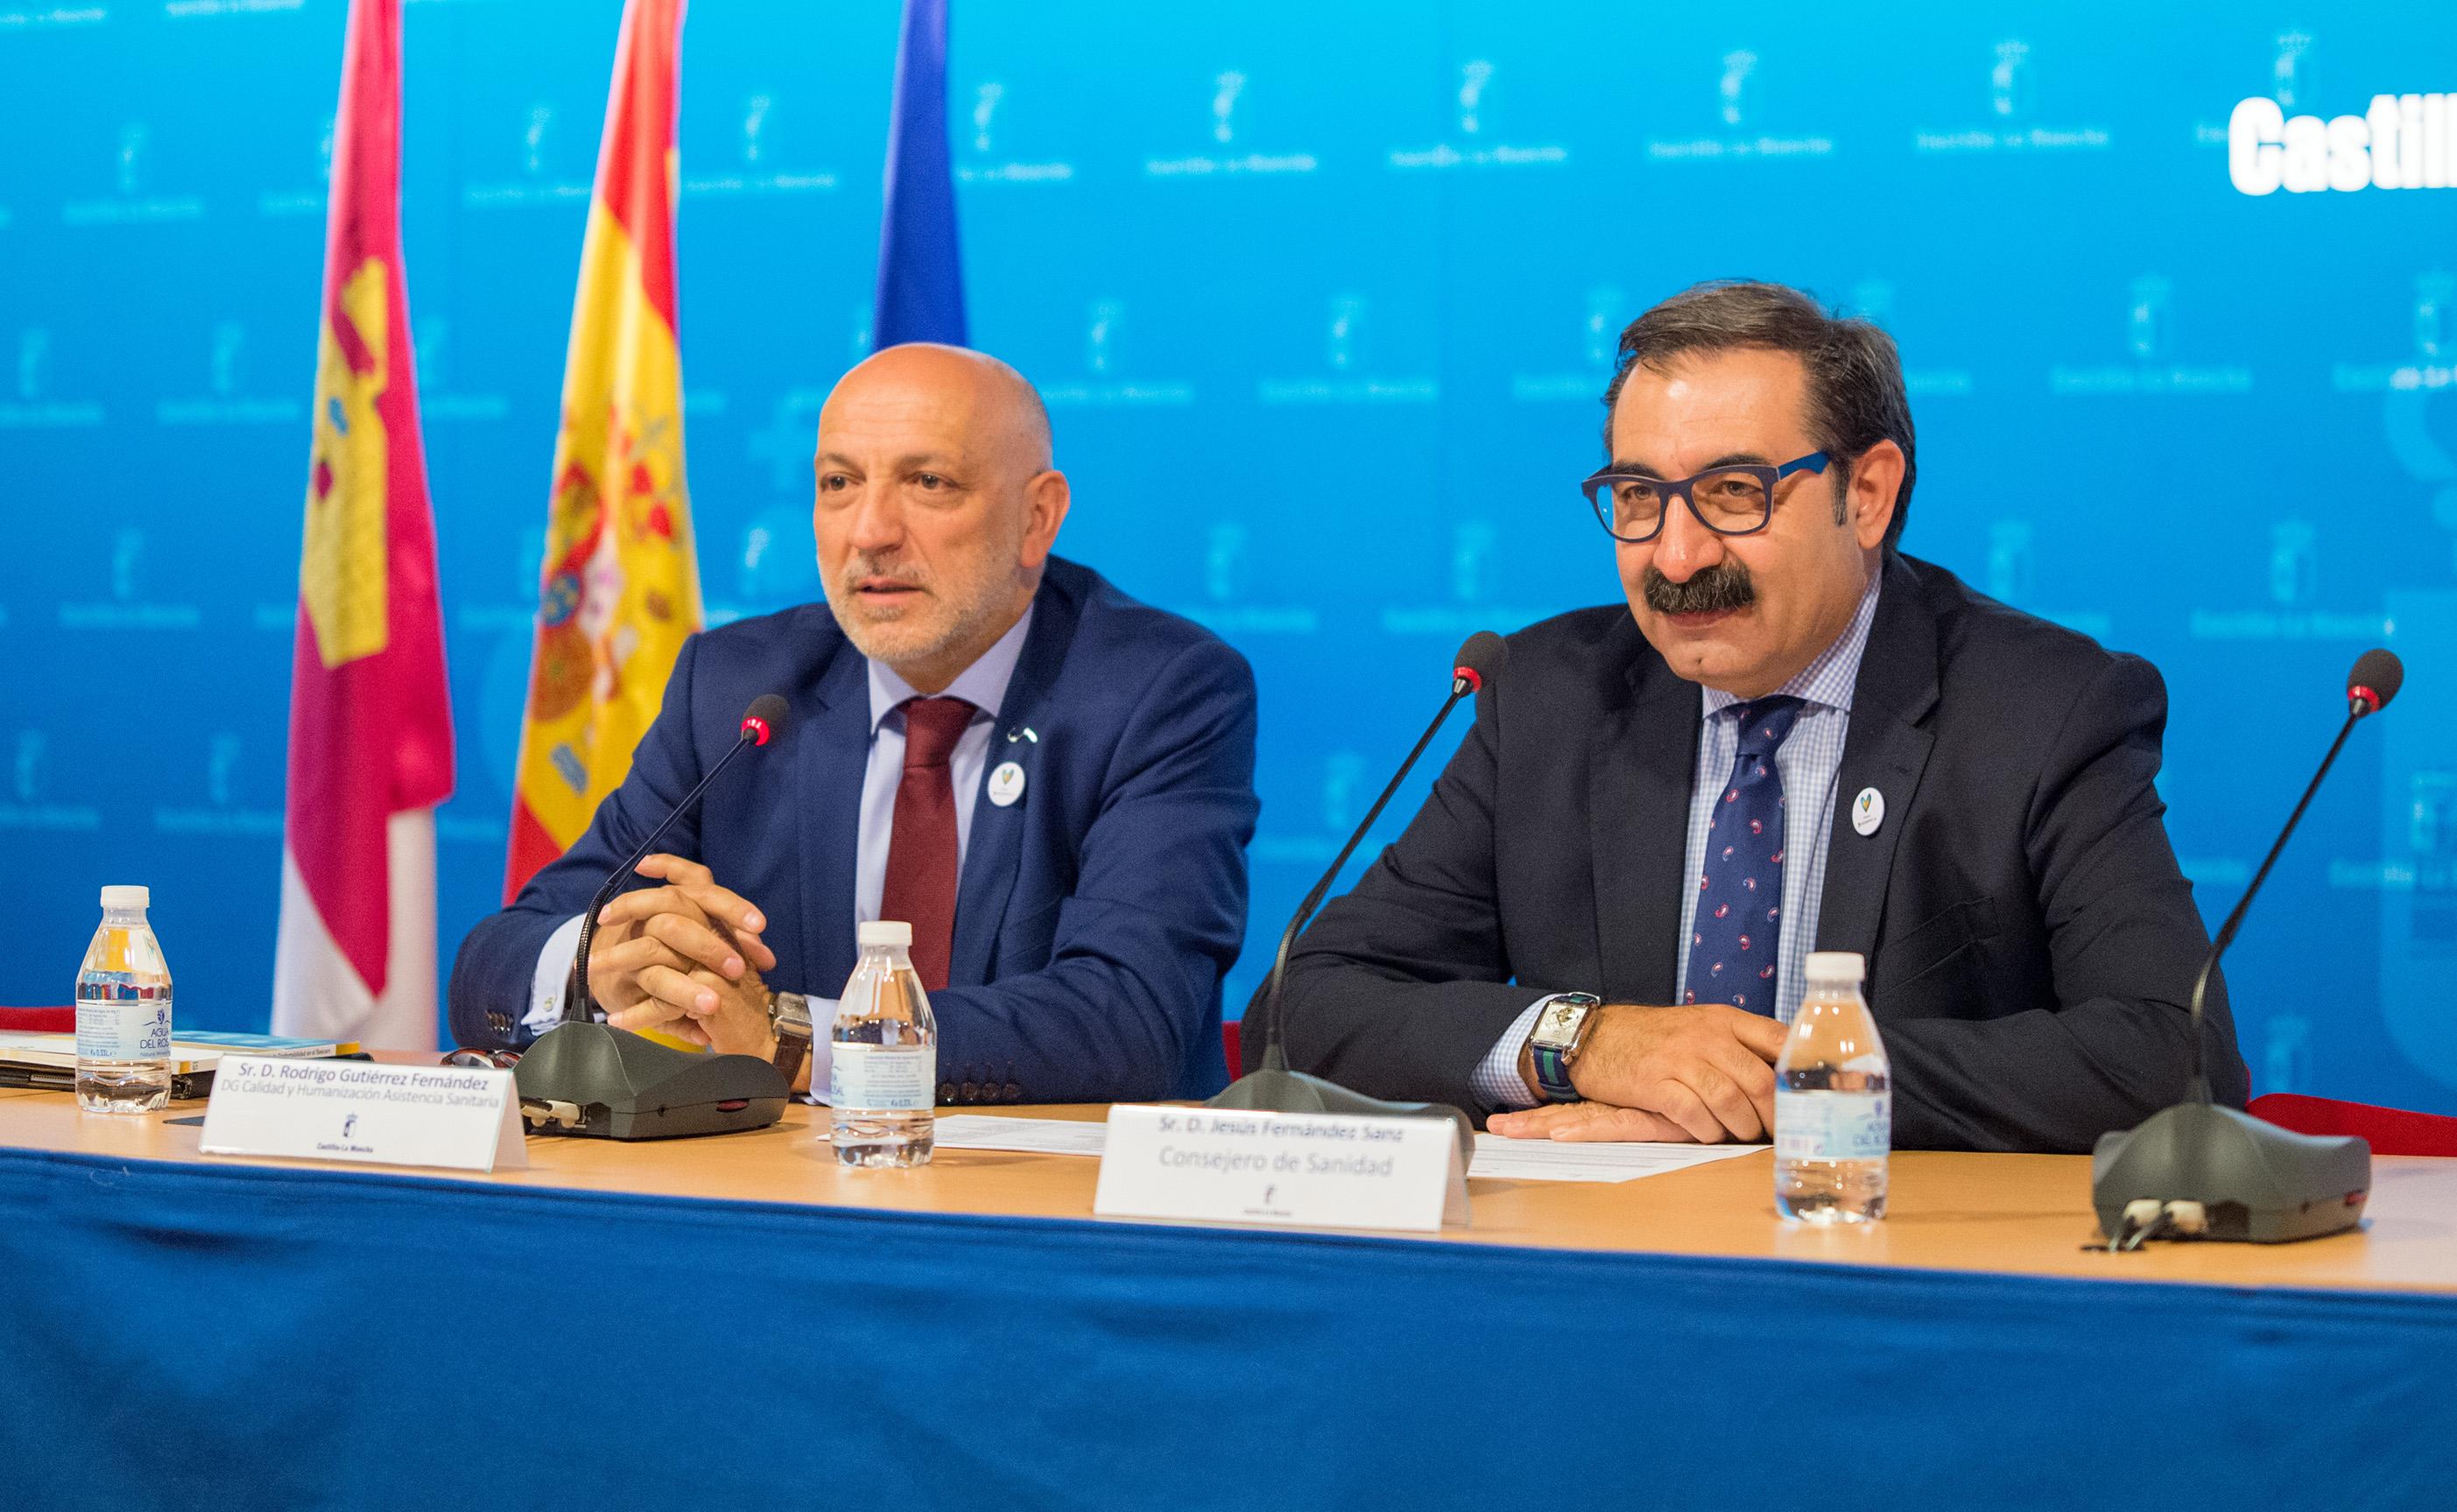 El consejero de Sanidad de Castilla-La Mancha, Jesús Fernández, y el director general de Calidad y Humanización de la Asistencia Sanitaria, Rodrigo Gutiérrez.